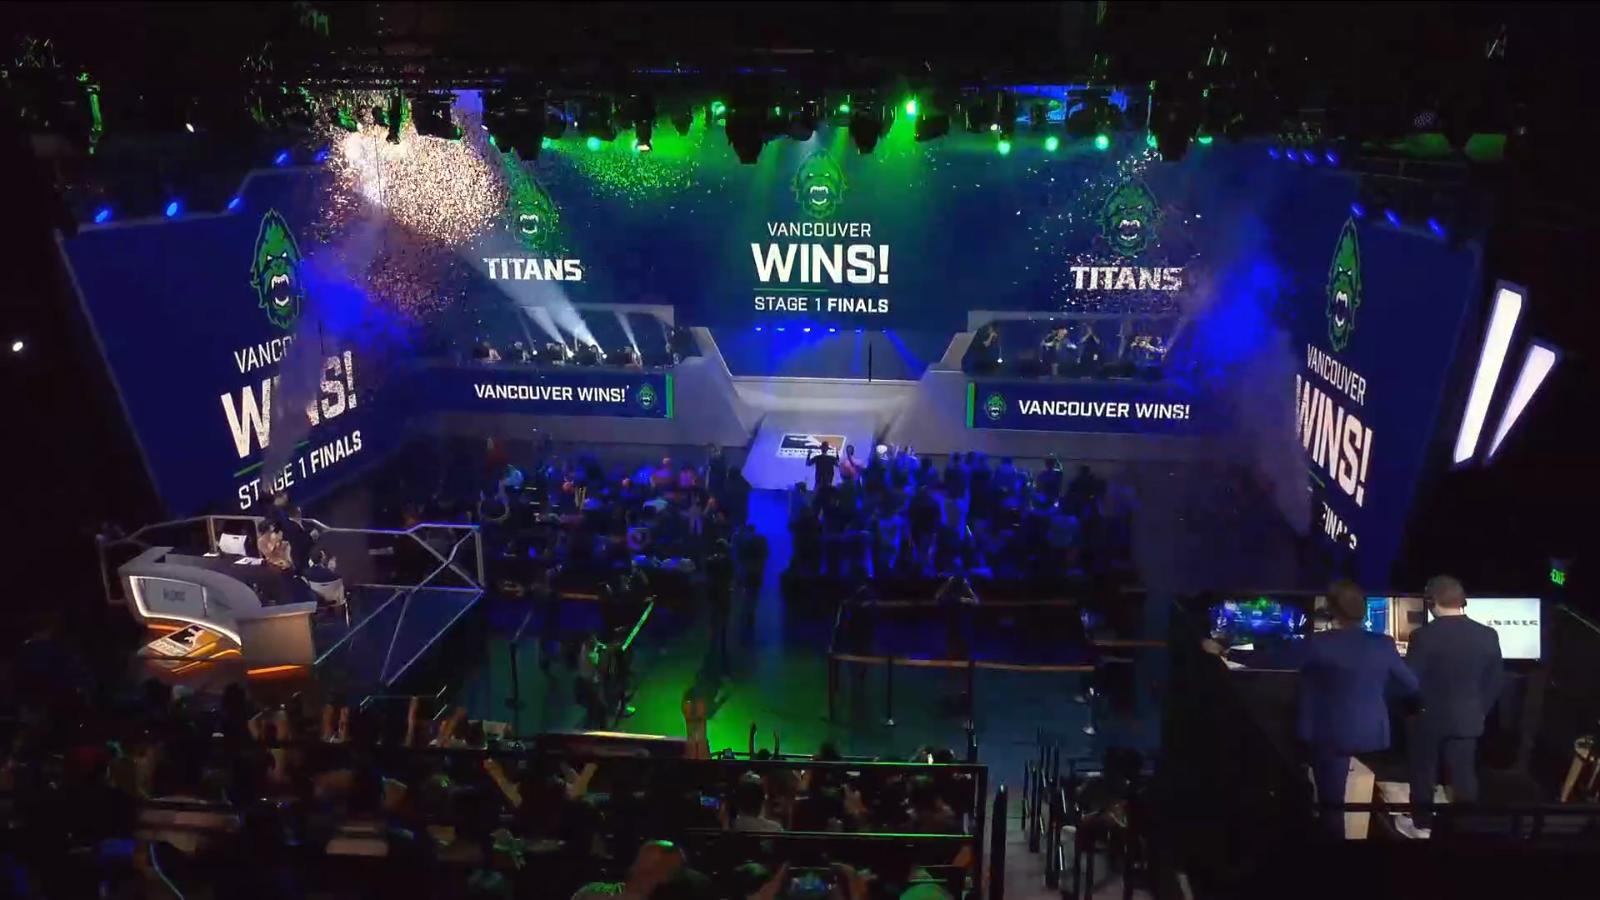 Les Vancouver Titans remportent les playoffs de la période 1 de l'Overwatch League 2019